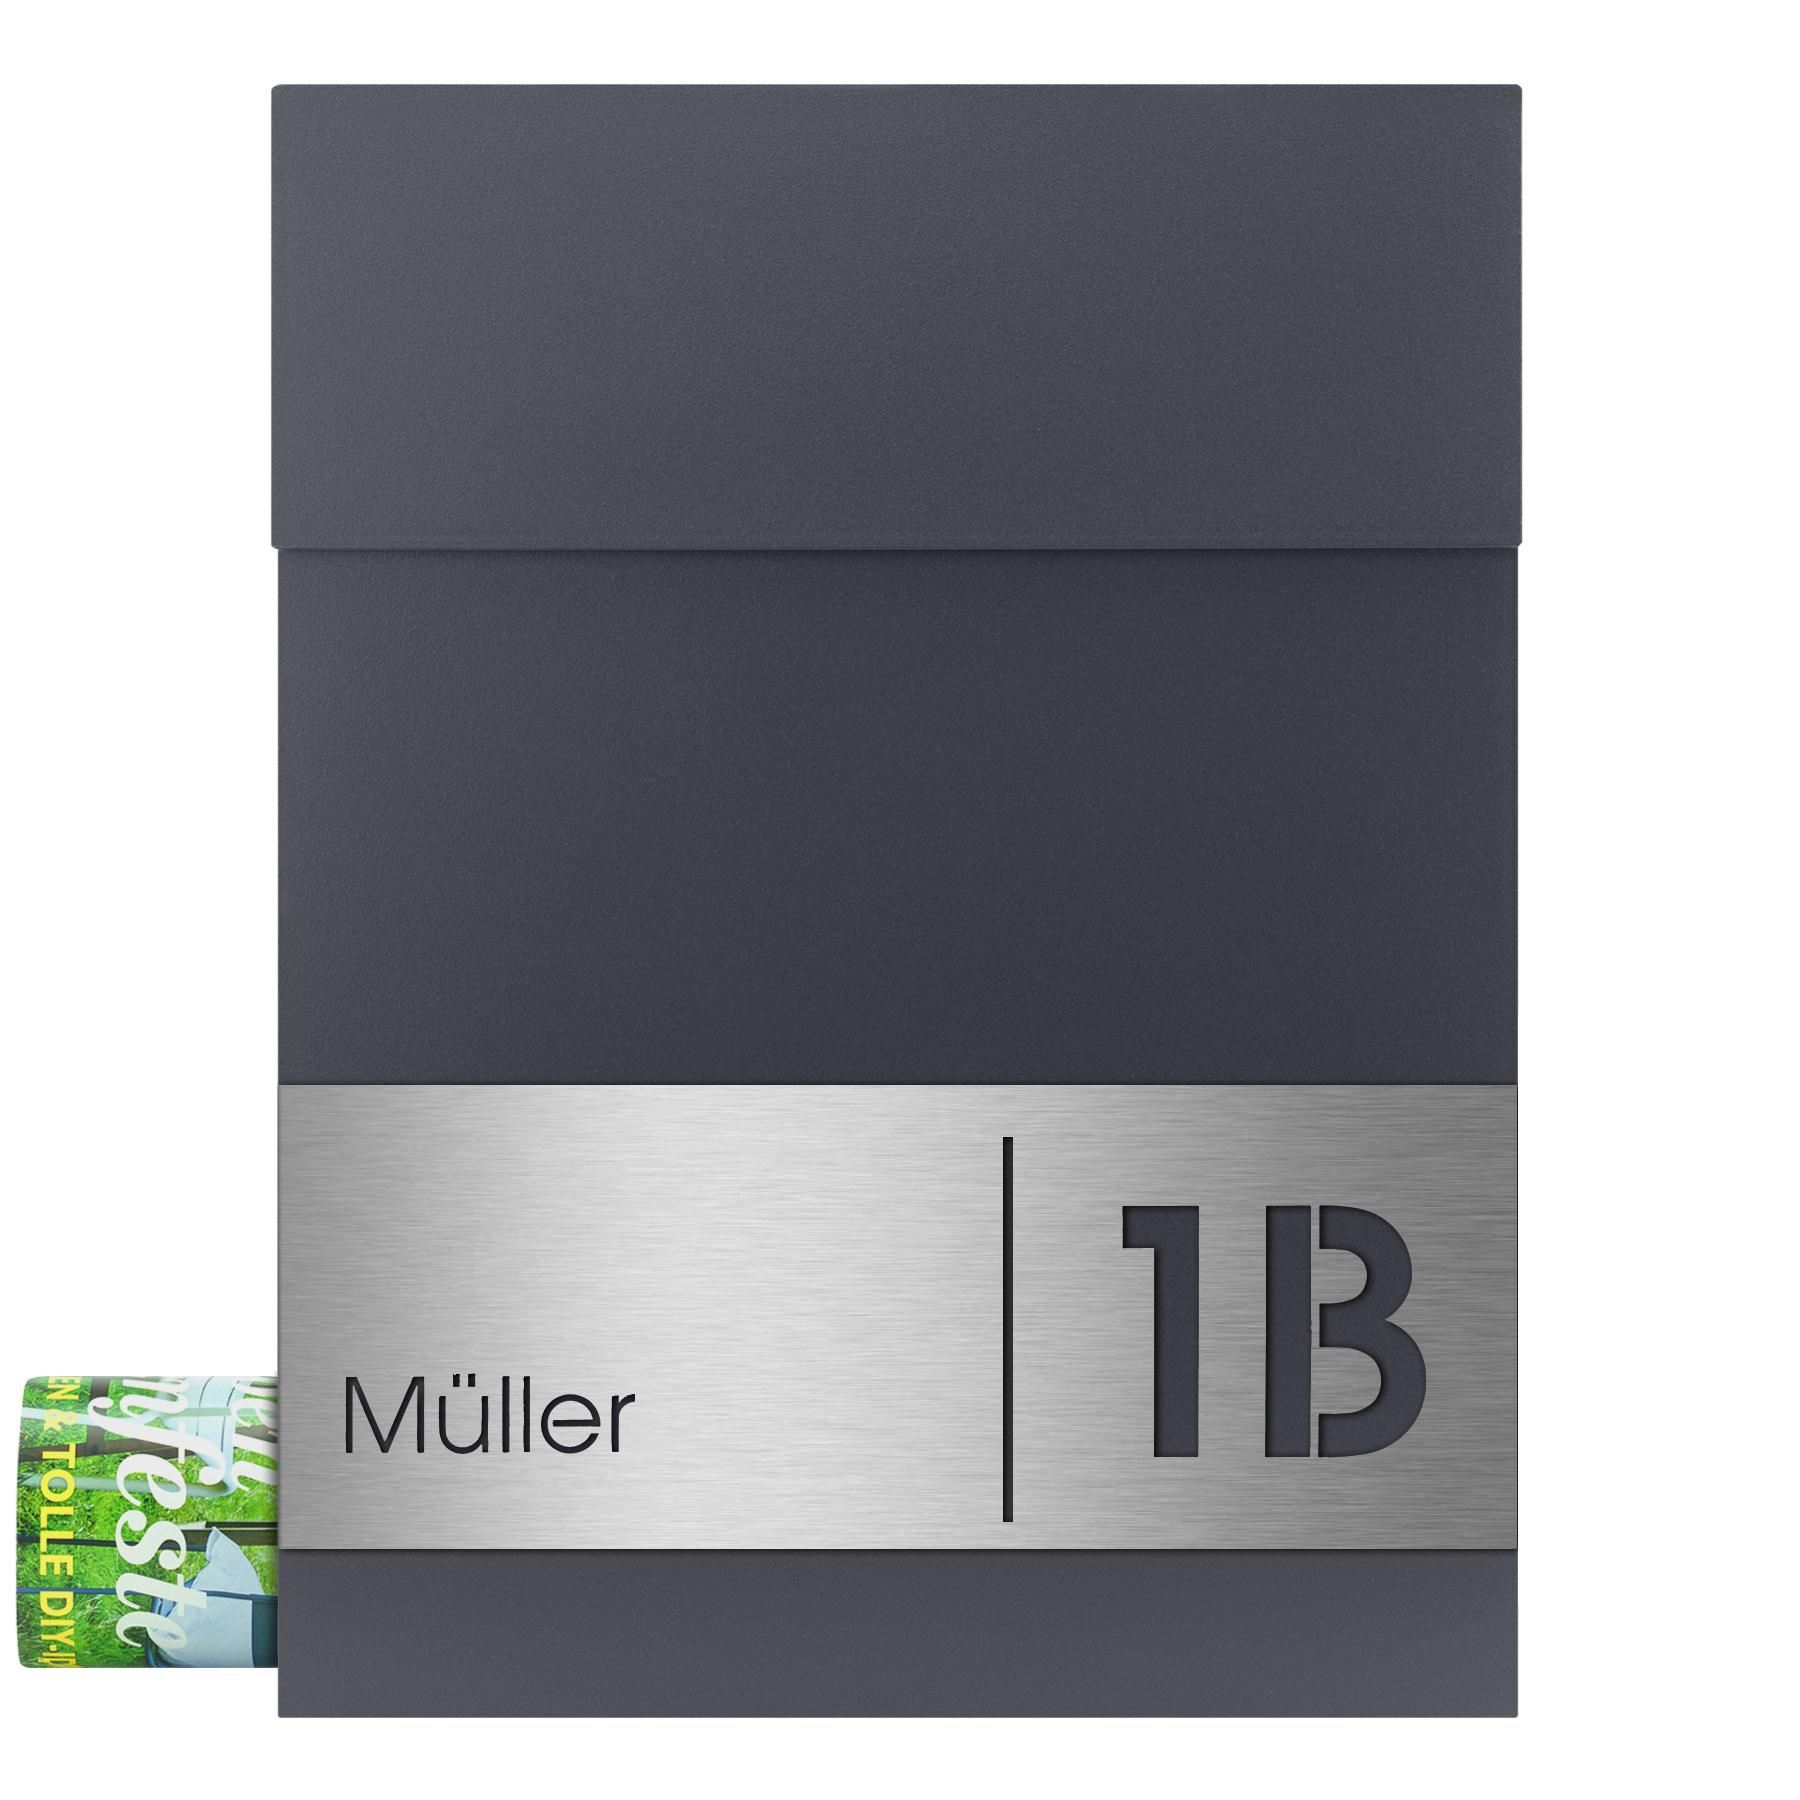 MOCAVI Box 500 plus eine Edelstahl Hausnummer V4A Briefkasten anthrazit RAL 7016